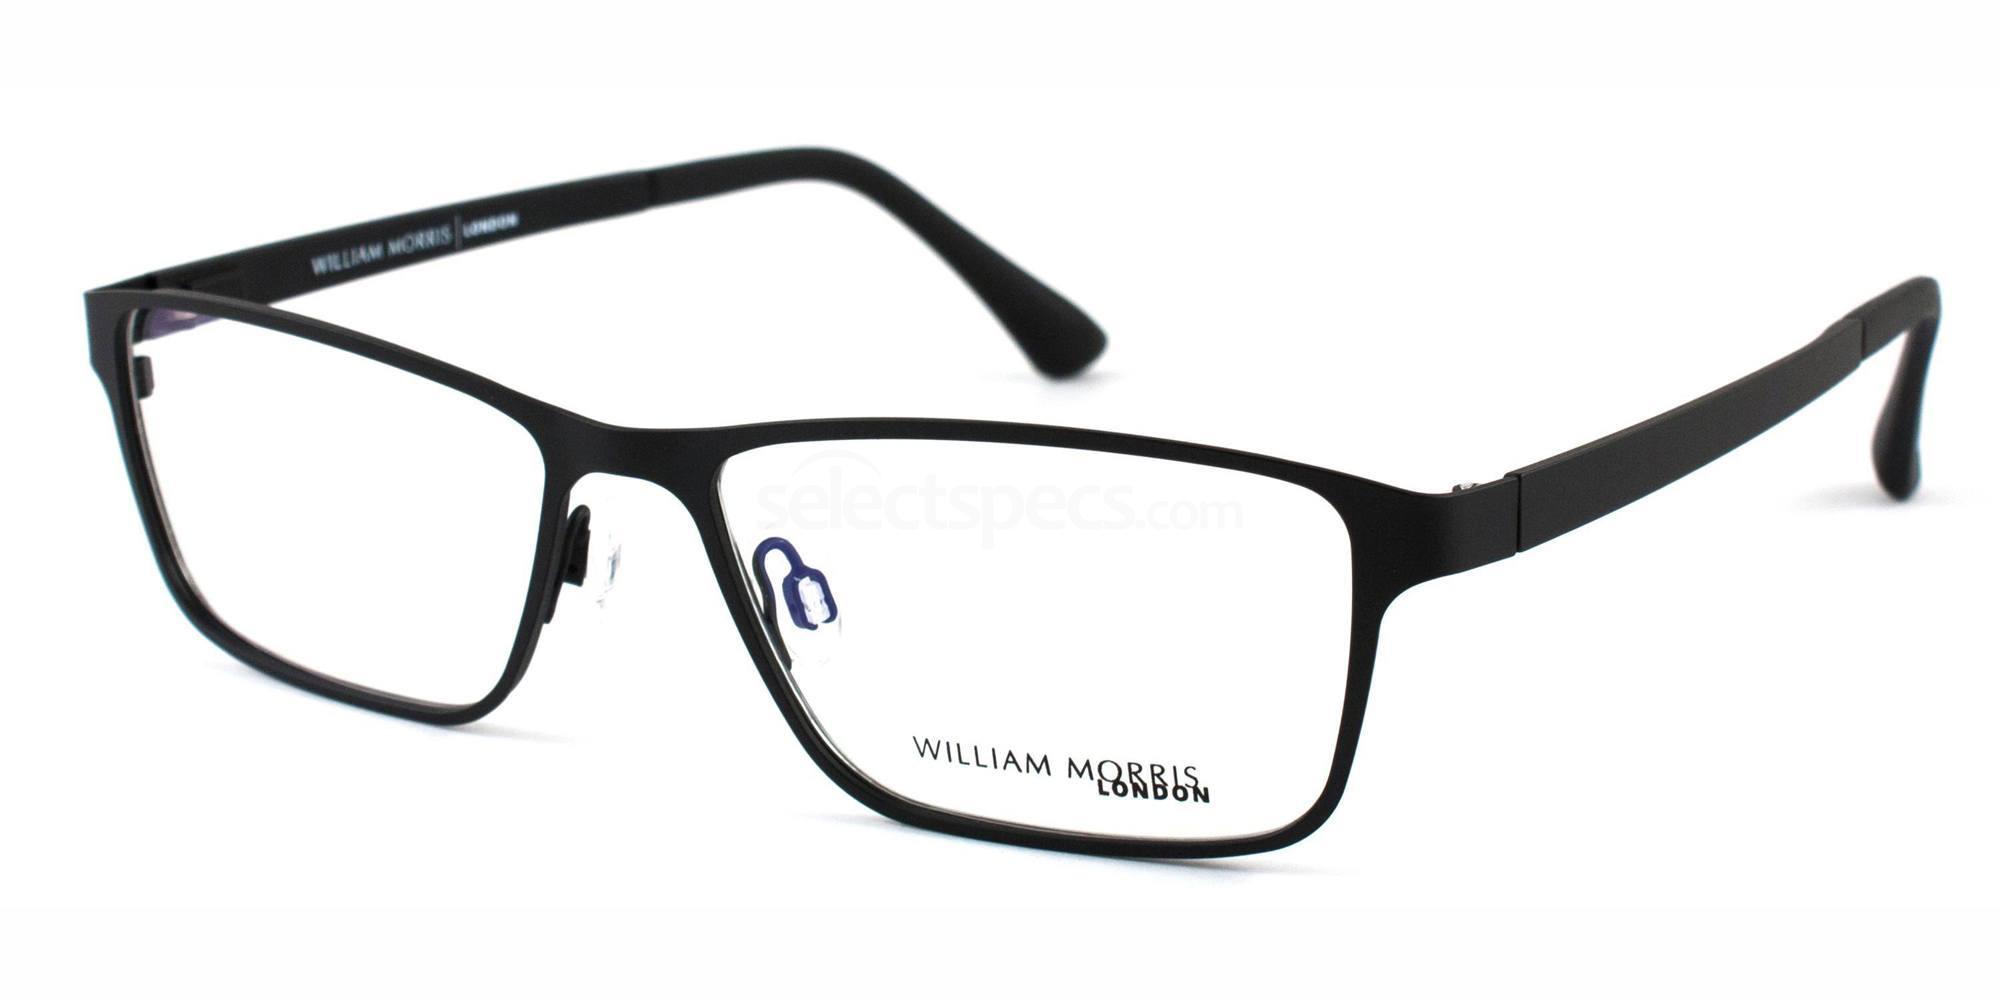 C1 WL2254 Glasses, William Morris London